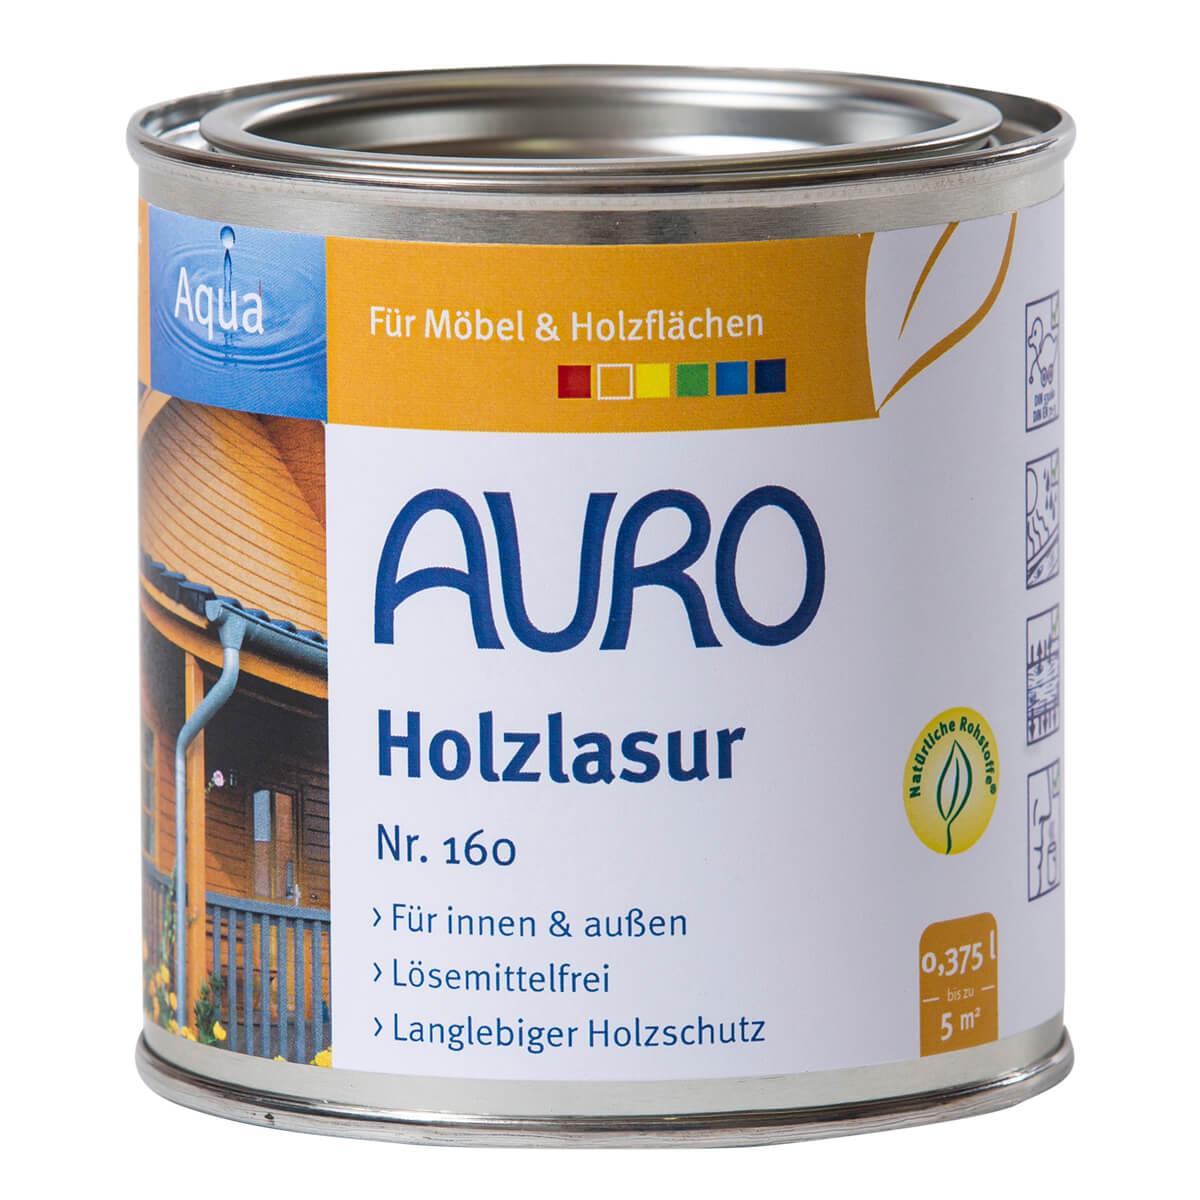 AURO Holzlasur ° Aqua